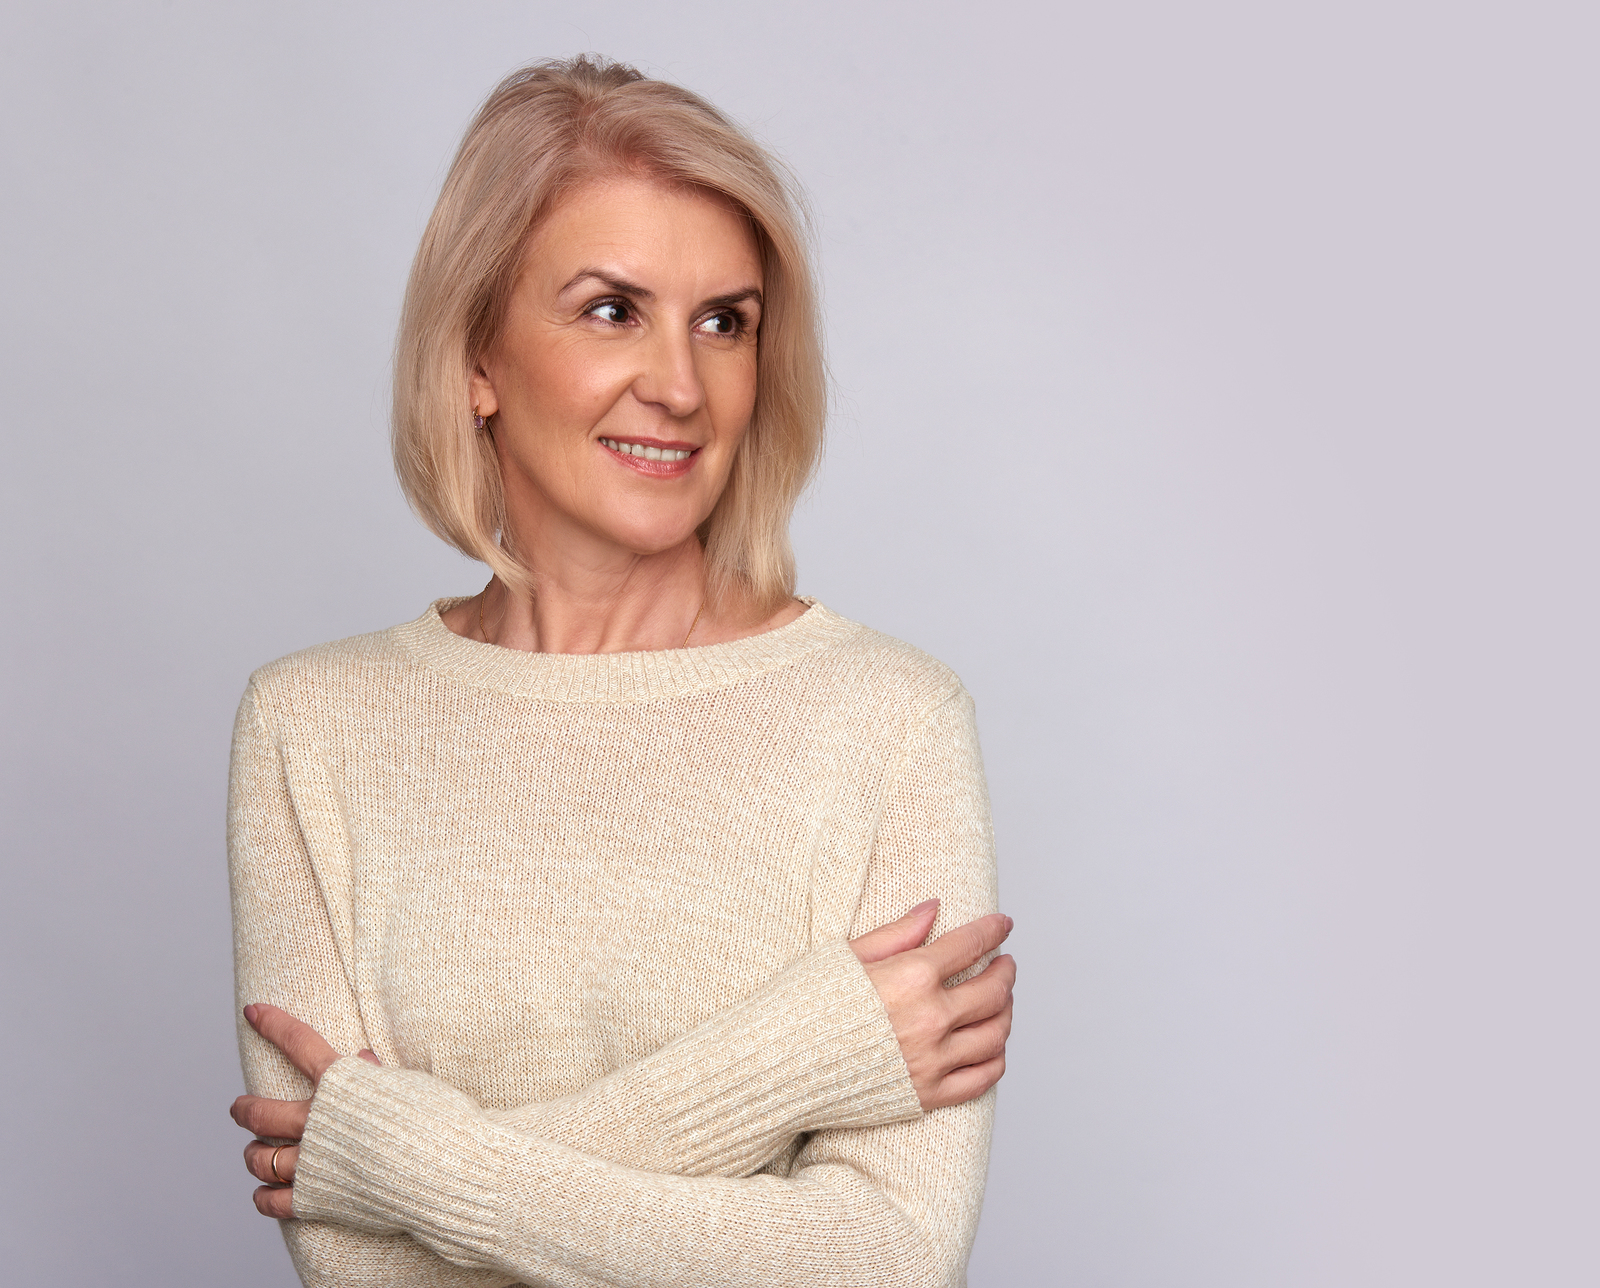 bigstock-beautiful-senior-woman-looking-211240738.jpg